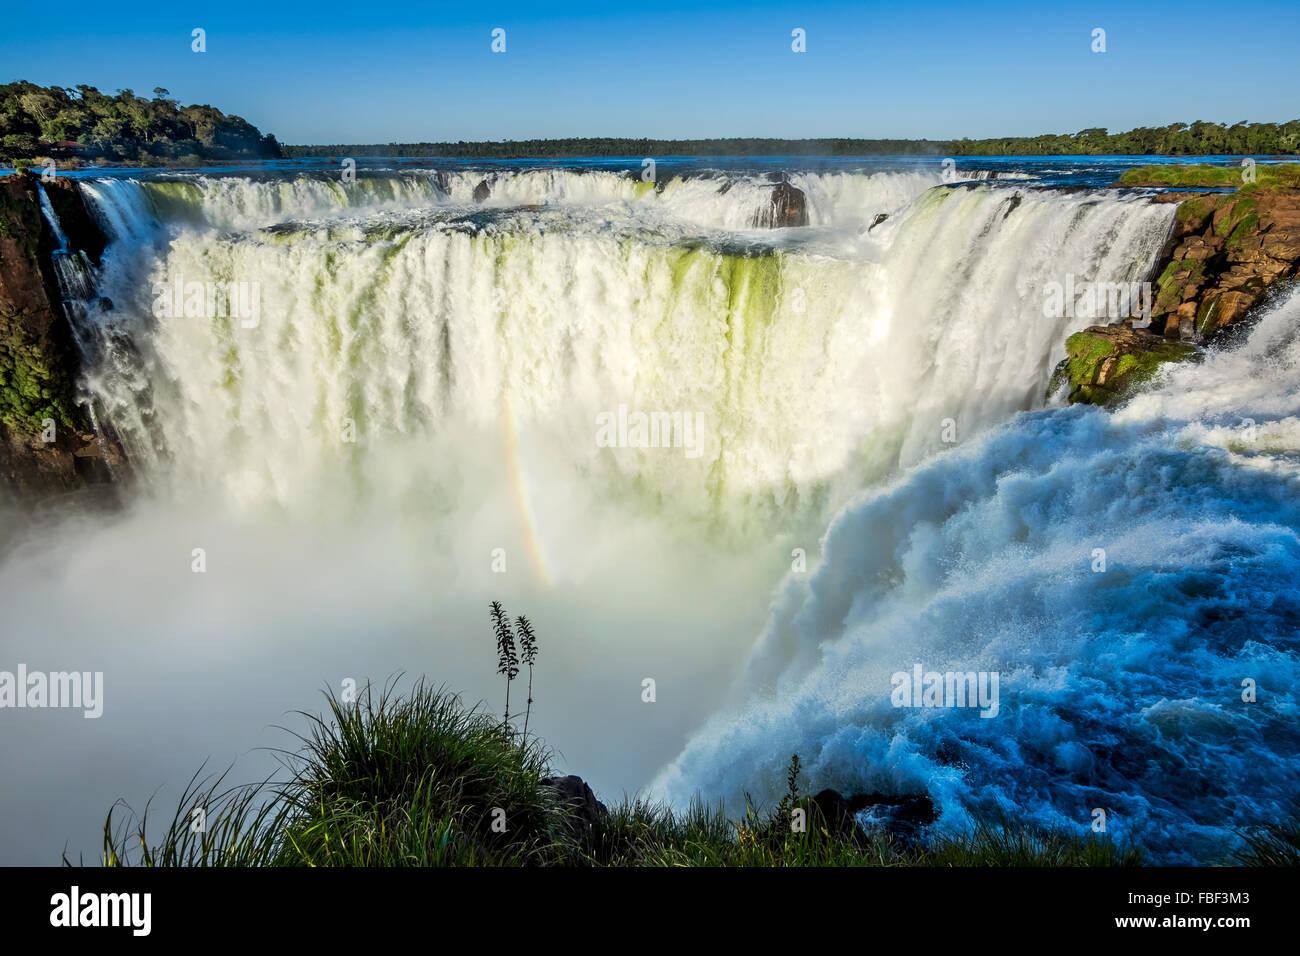 Garganta del Diablo en las Cataratas del Iguazú, una de las grandes maravillas naturales del mundo, en la frontera de Argentina y Brasil. Foto de stock